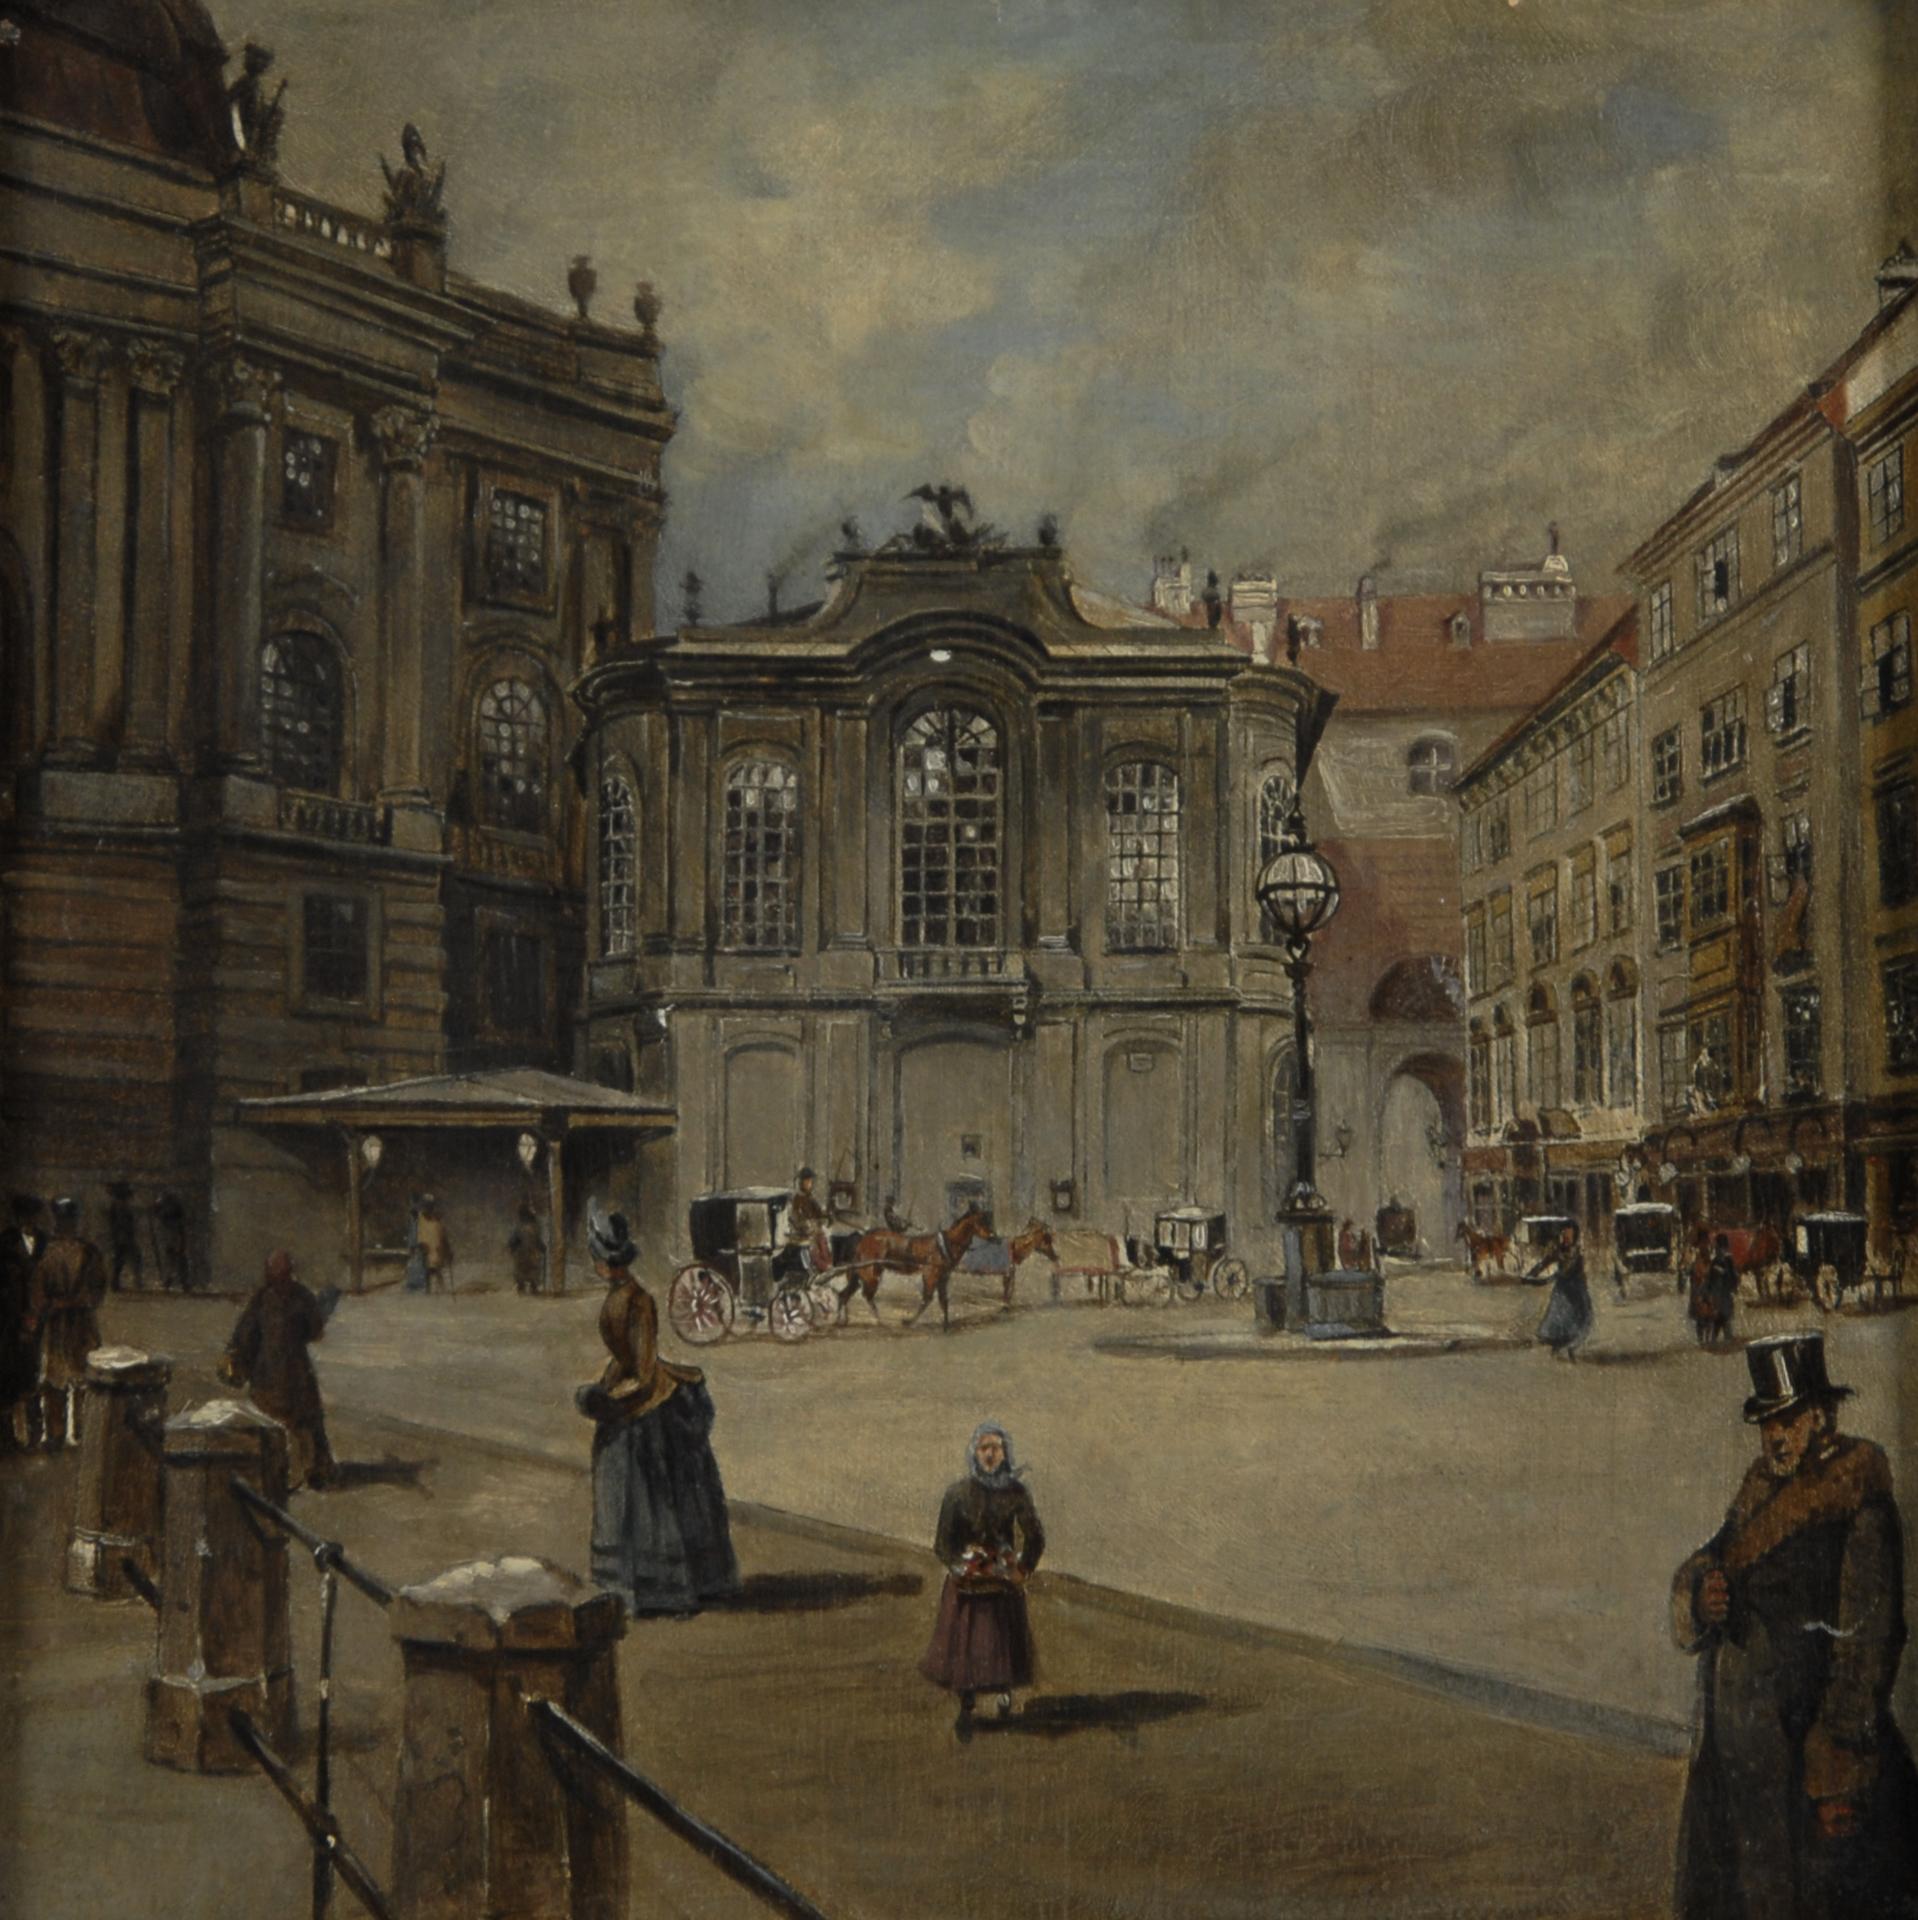 Anonym, Wien, Michaelerplatz. Das alte Burgtheater, 1756-1888